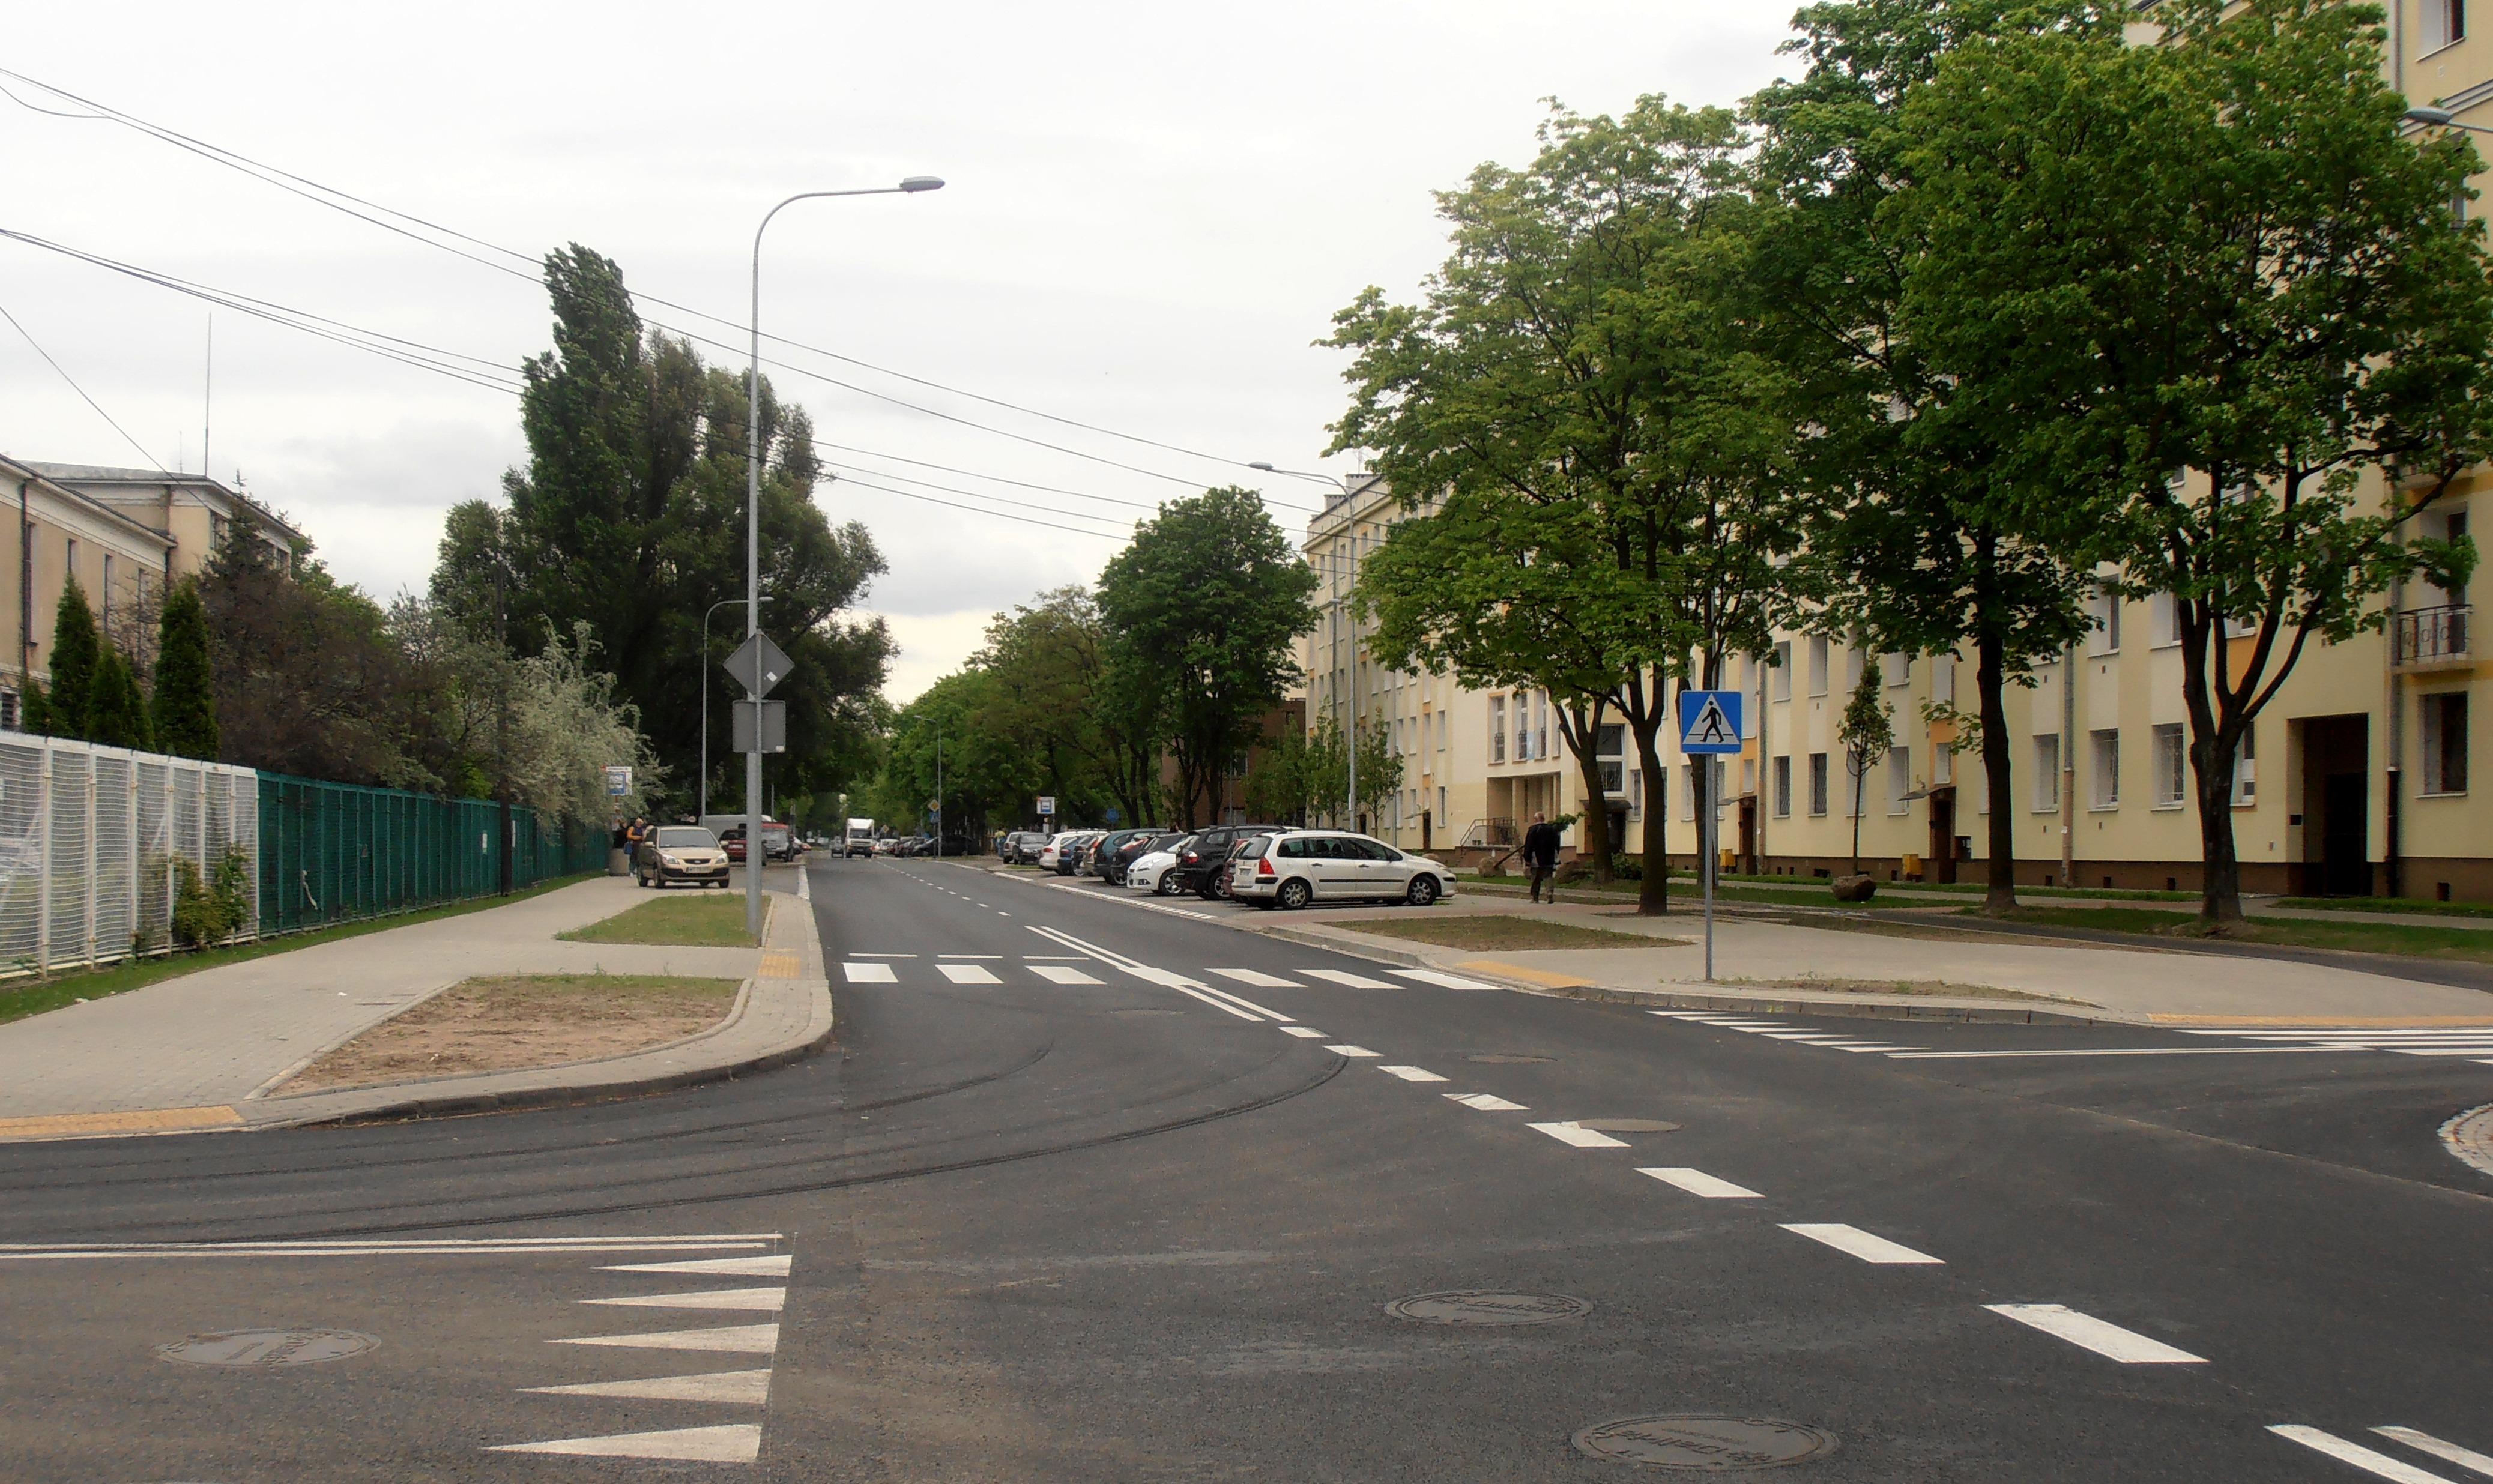 Ulica Chrzanowskiego